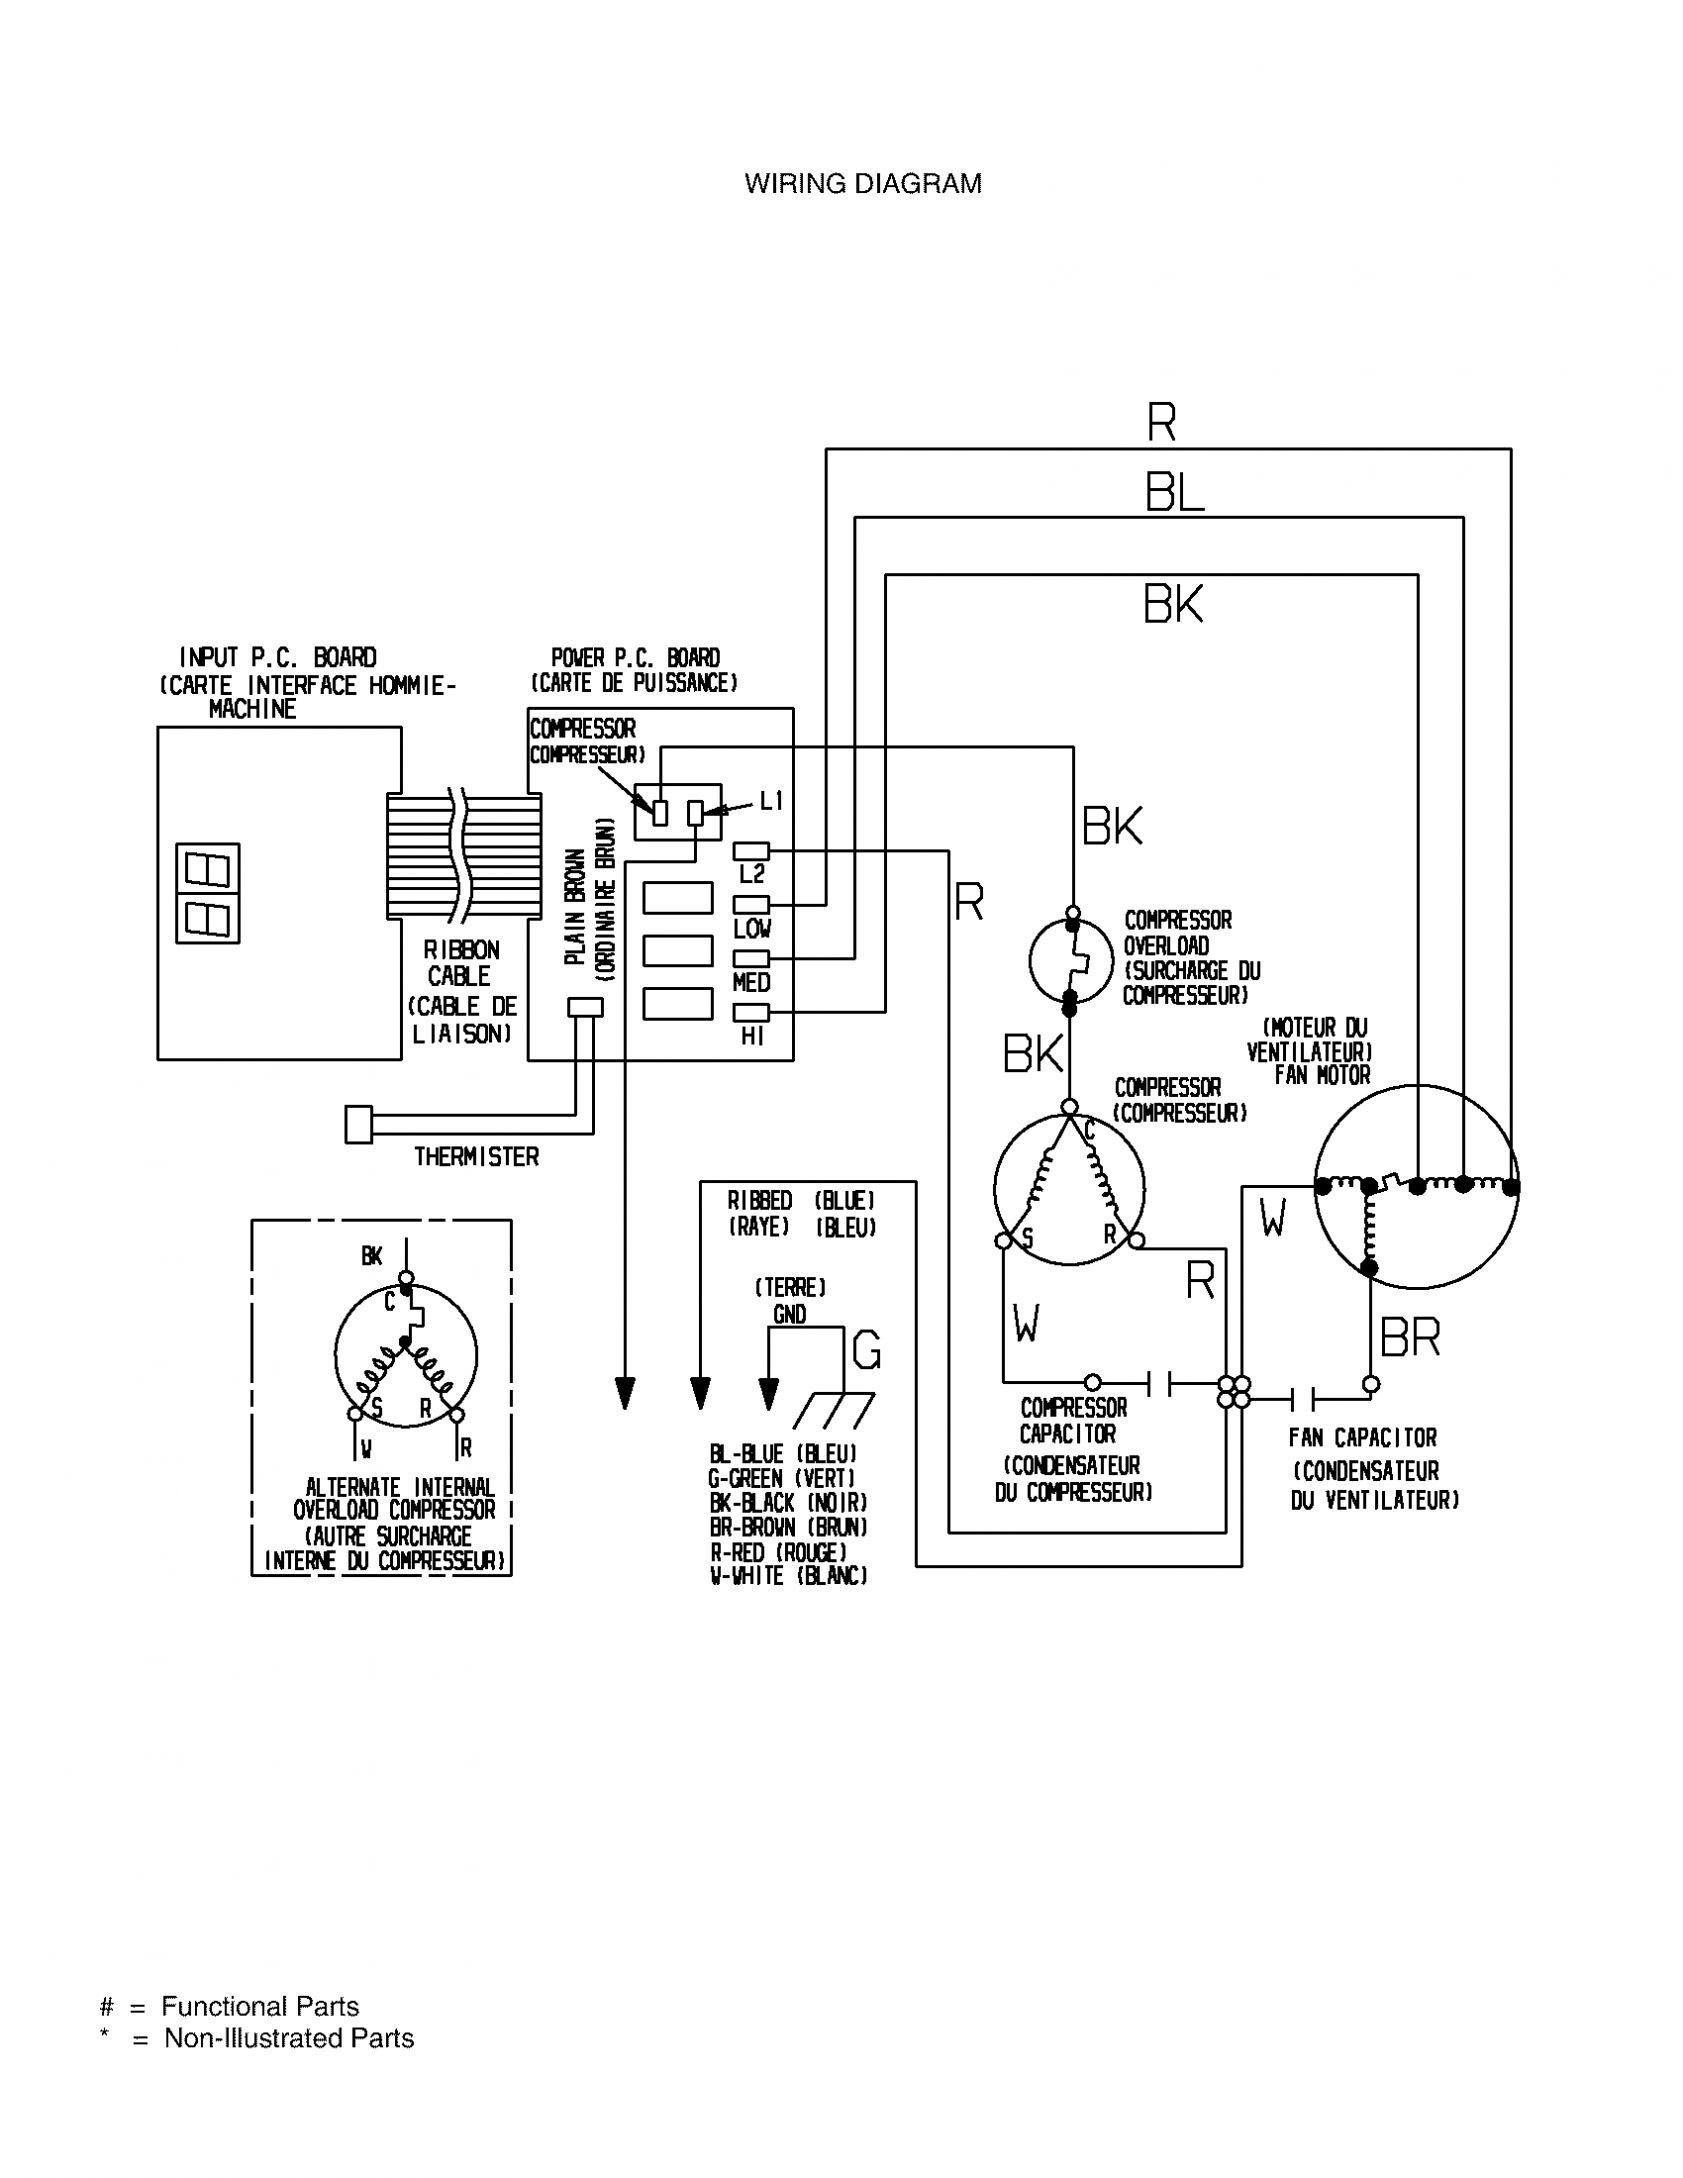 Unique Car Ac Wiring Diagram Diagram Wiringdiagram Diagramming Diagramm Visuals Visualisation Graphical Electrical Wiring Diagram Diagram Design Diagram